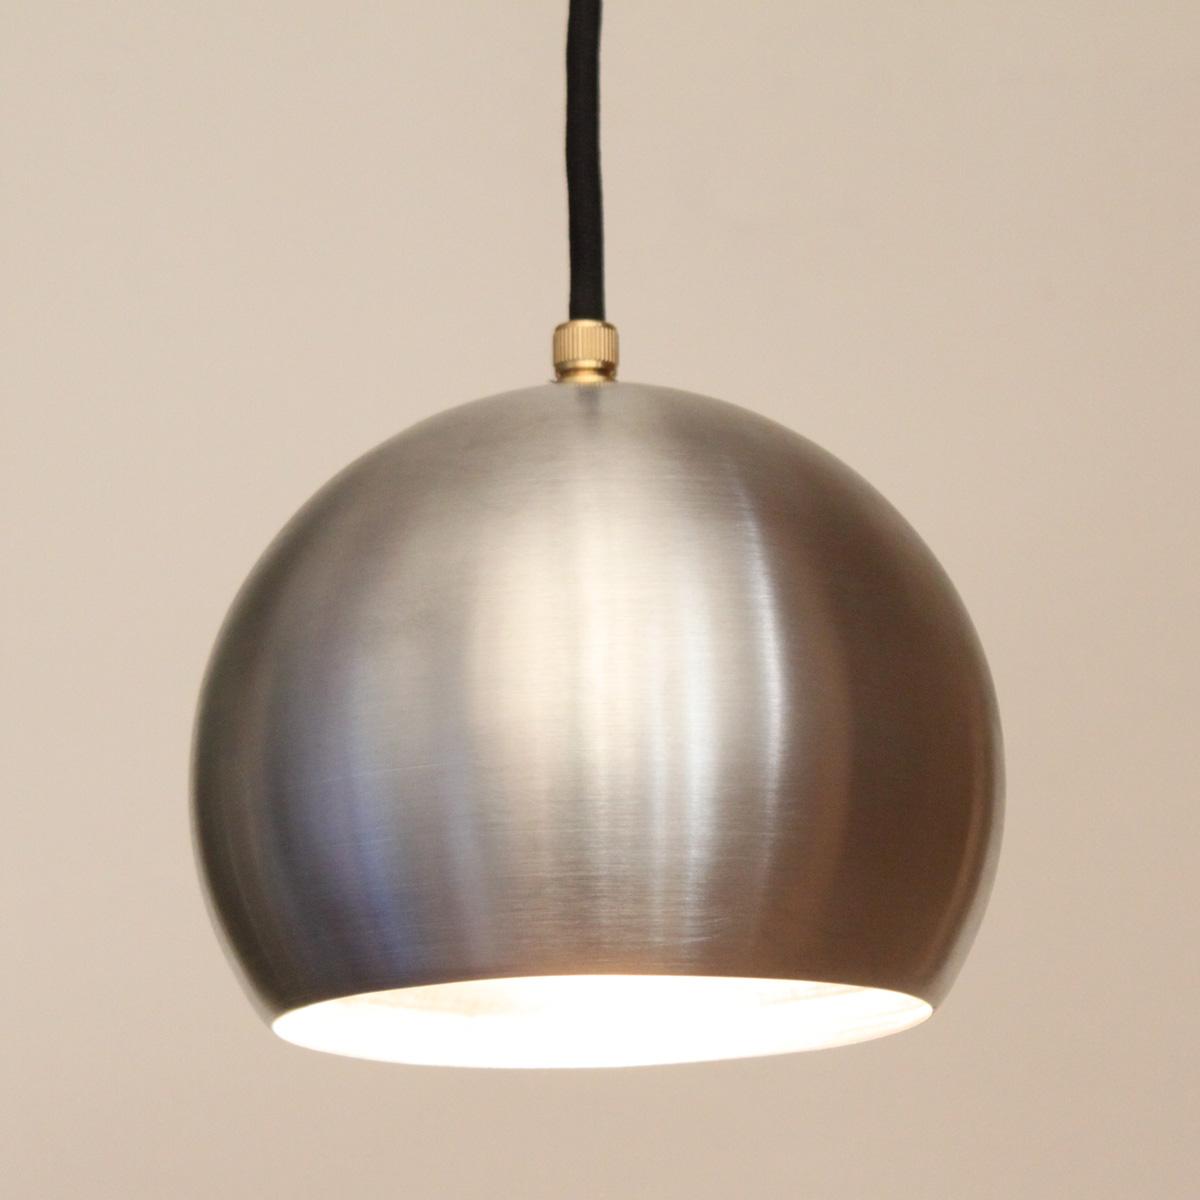 elegante dreiflammige pendelleuchte aus kupfer messing oder alu casa lumi. Black Bedroom Furniture Sets. Home Design Ideas